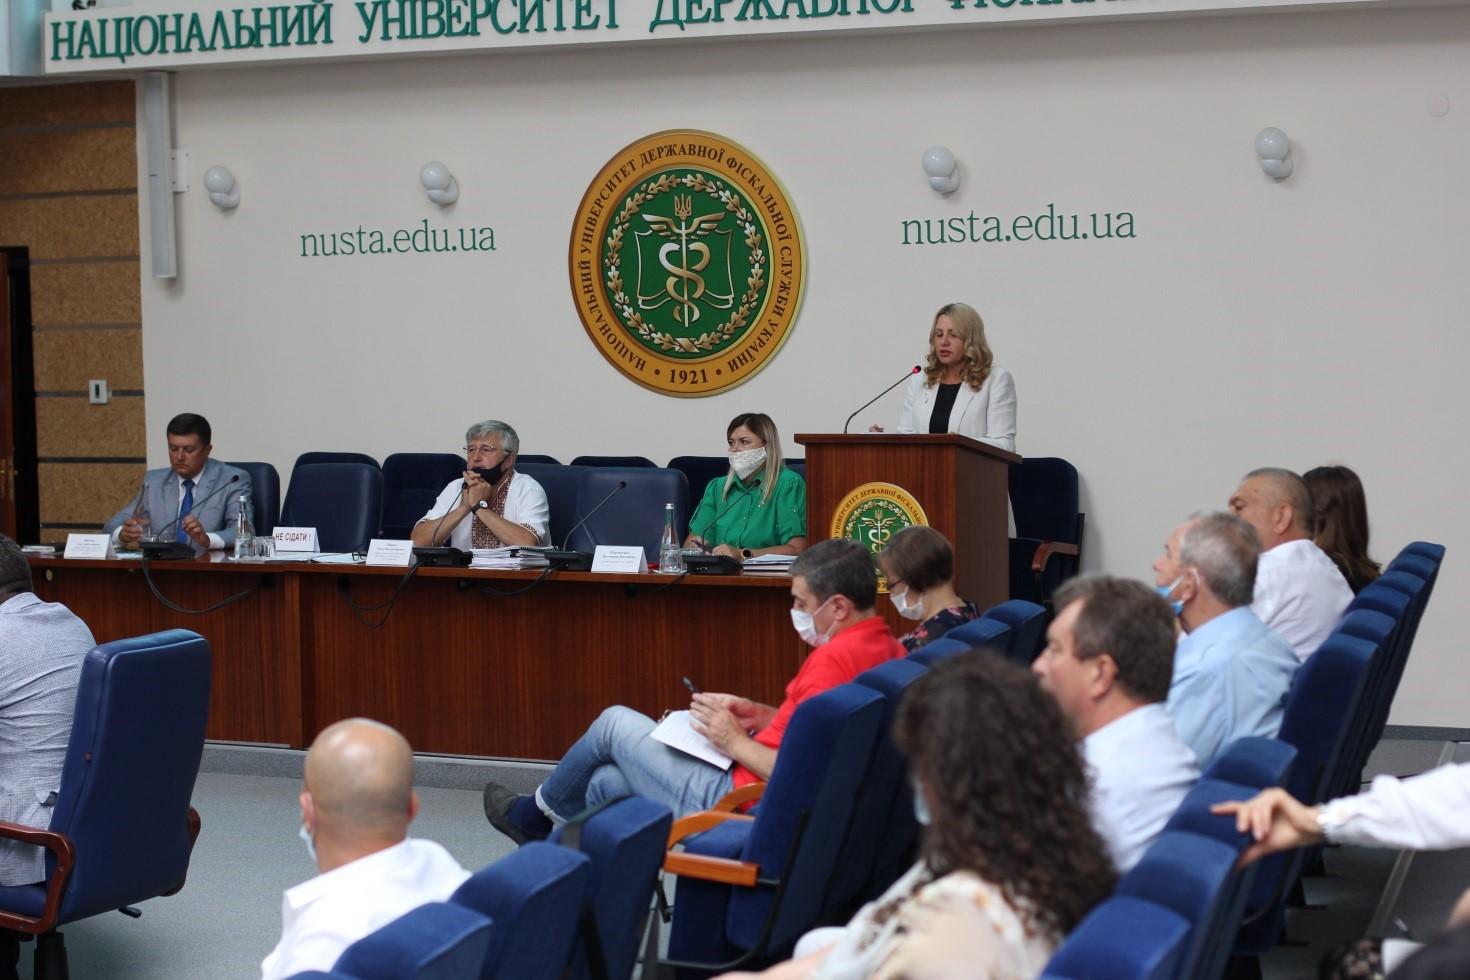 Перше засідання Вченої ради Університету у новому навчальному році: підведено підсумки, визначено виклики, окреслено завдання